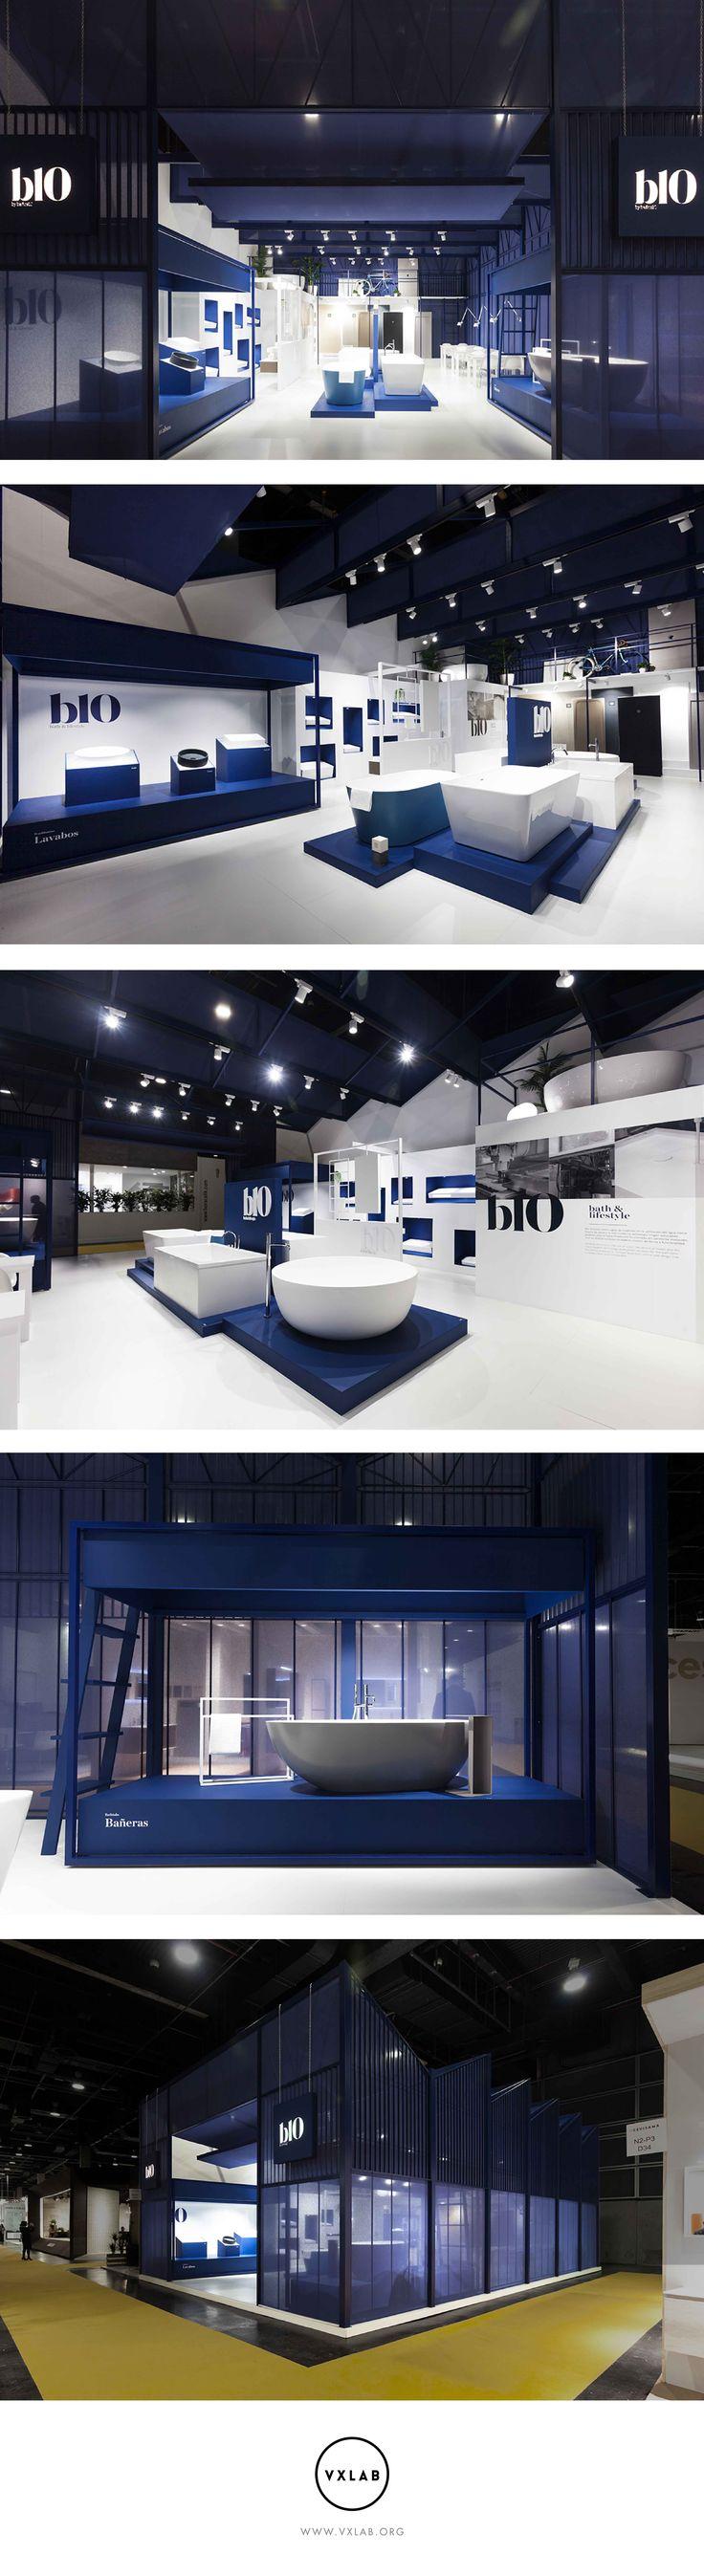 B10 - Stand Cevisama 2017 #design #designdirection #ephemeral #architecture #interiordesign #graphicdesign #stand #booth #interior #design #interiors #exhibition #branding #studio #ceramic #signage #space #cevisama